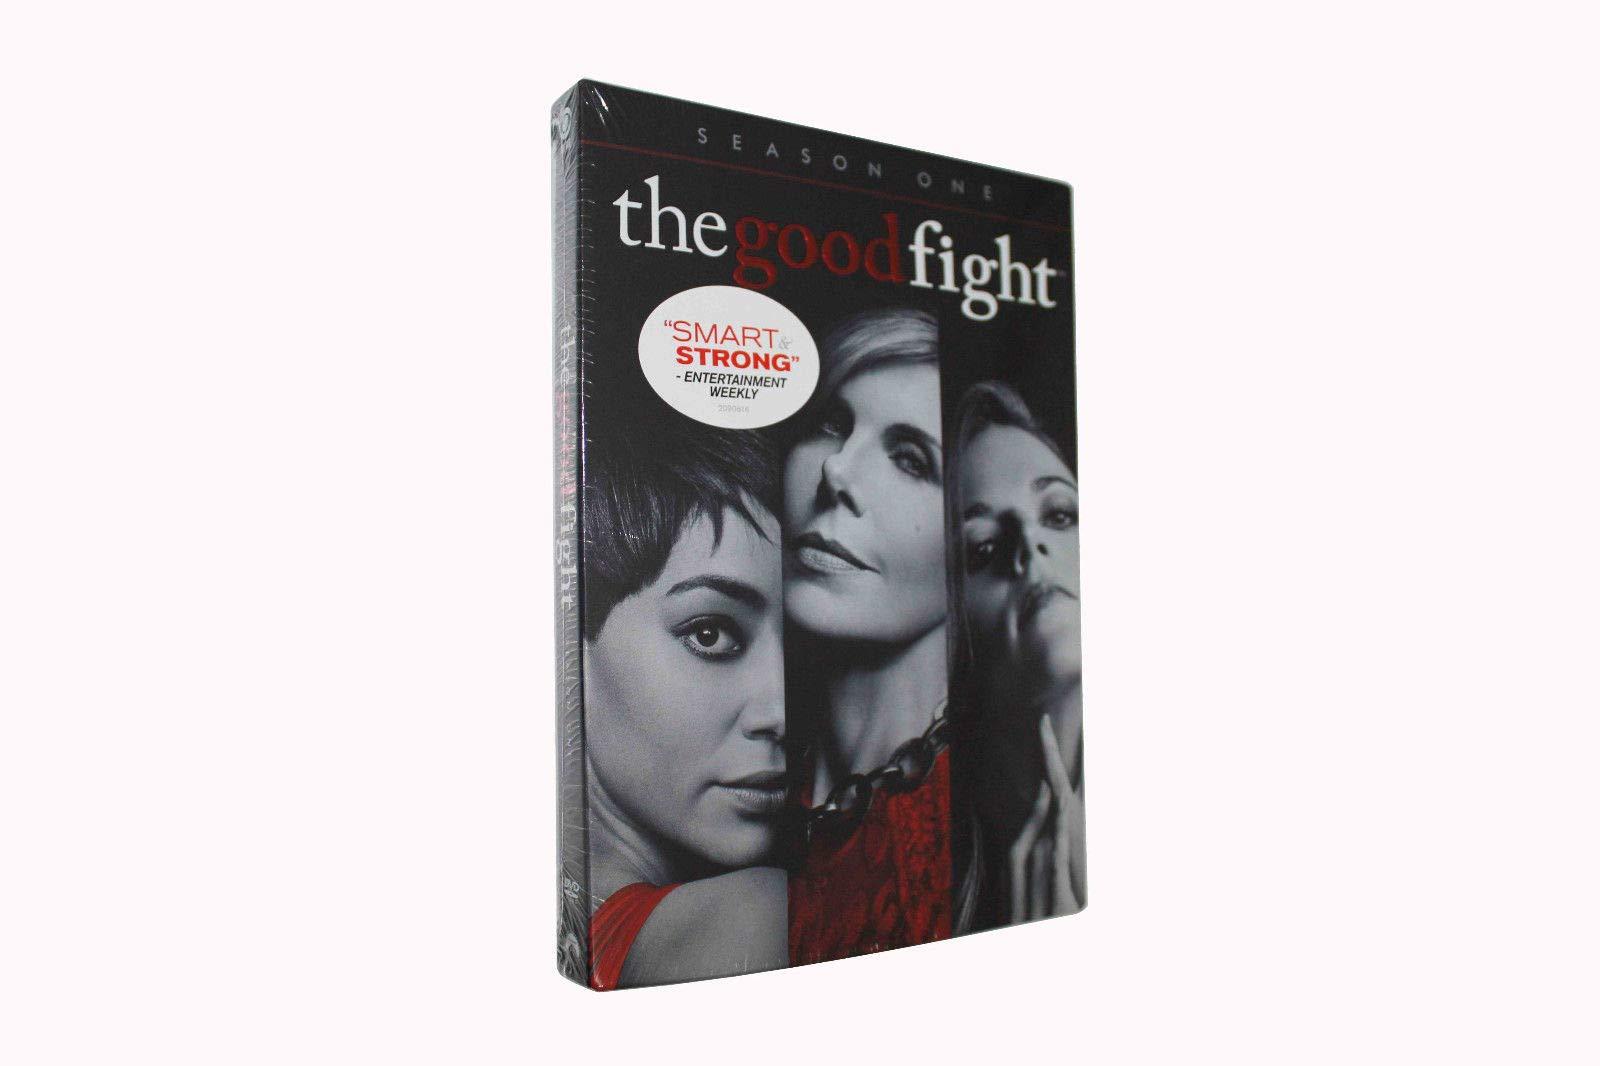 FidgetFidget DVD The Good Fight Season One - 3 by FidgetFidget